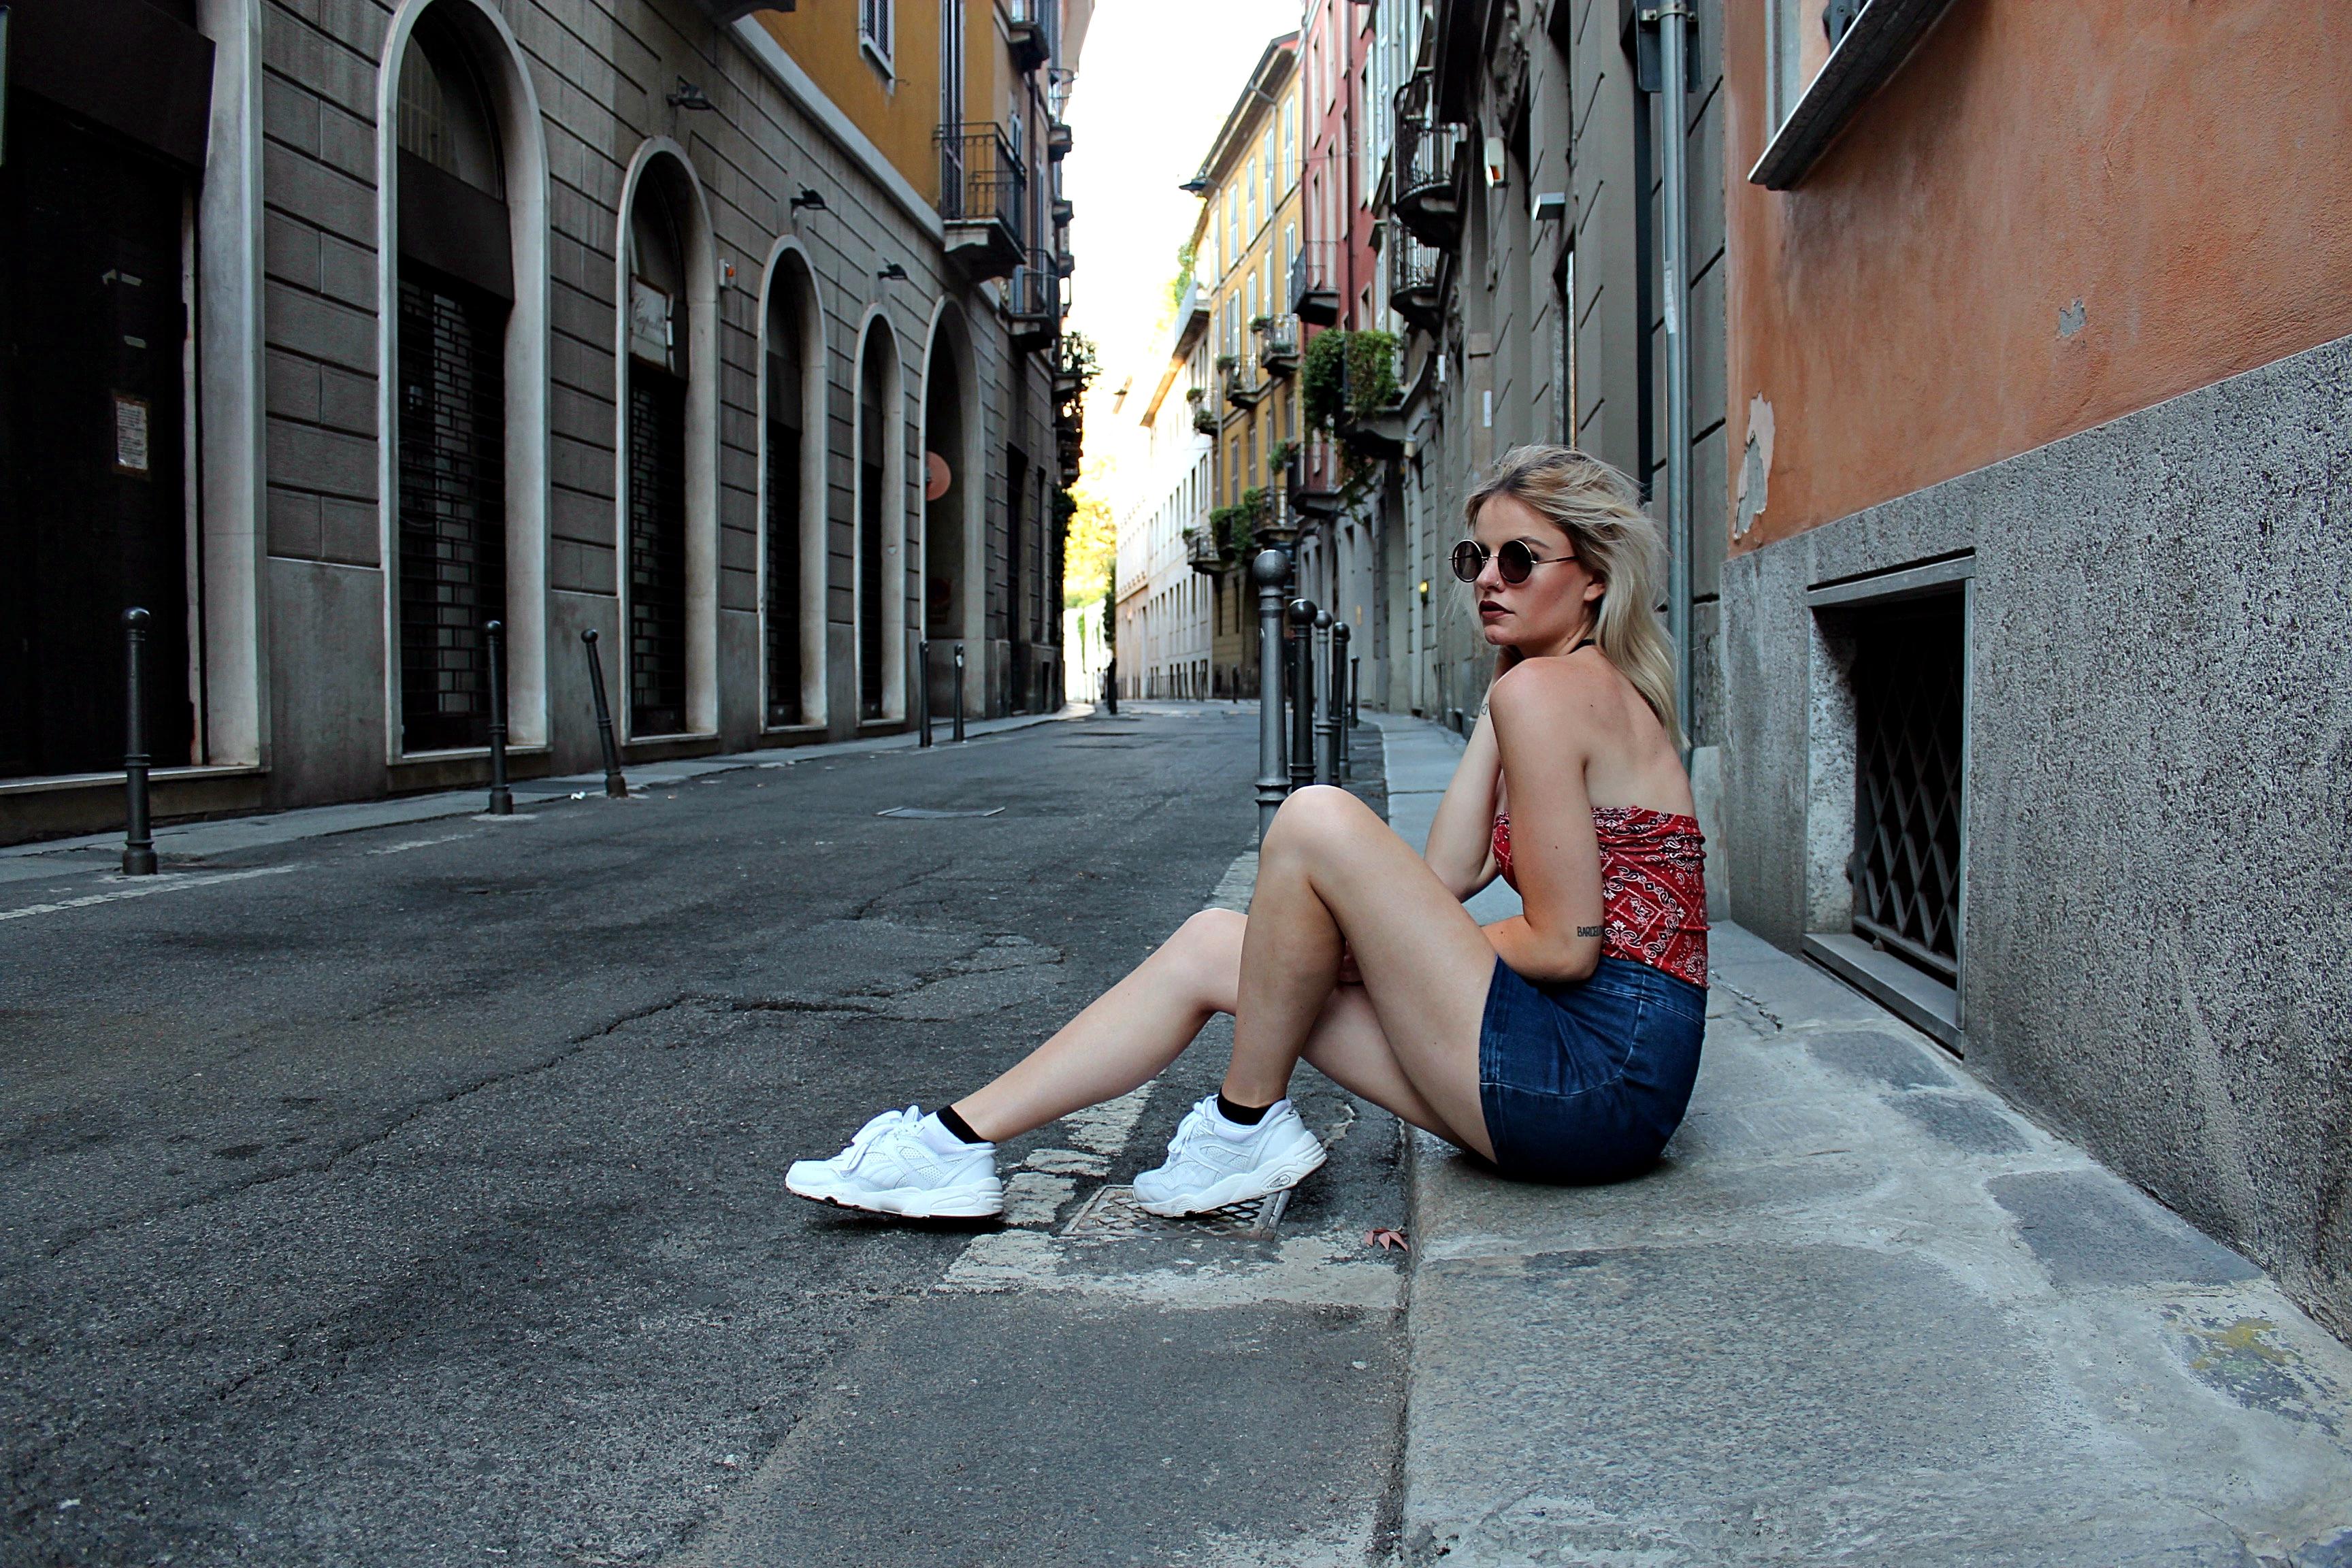 Milano Look No. 2